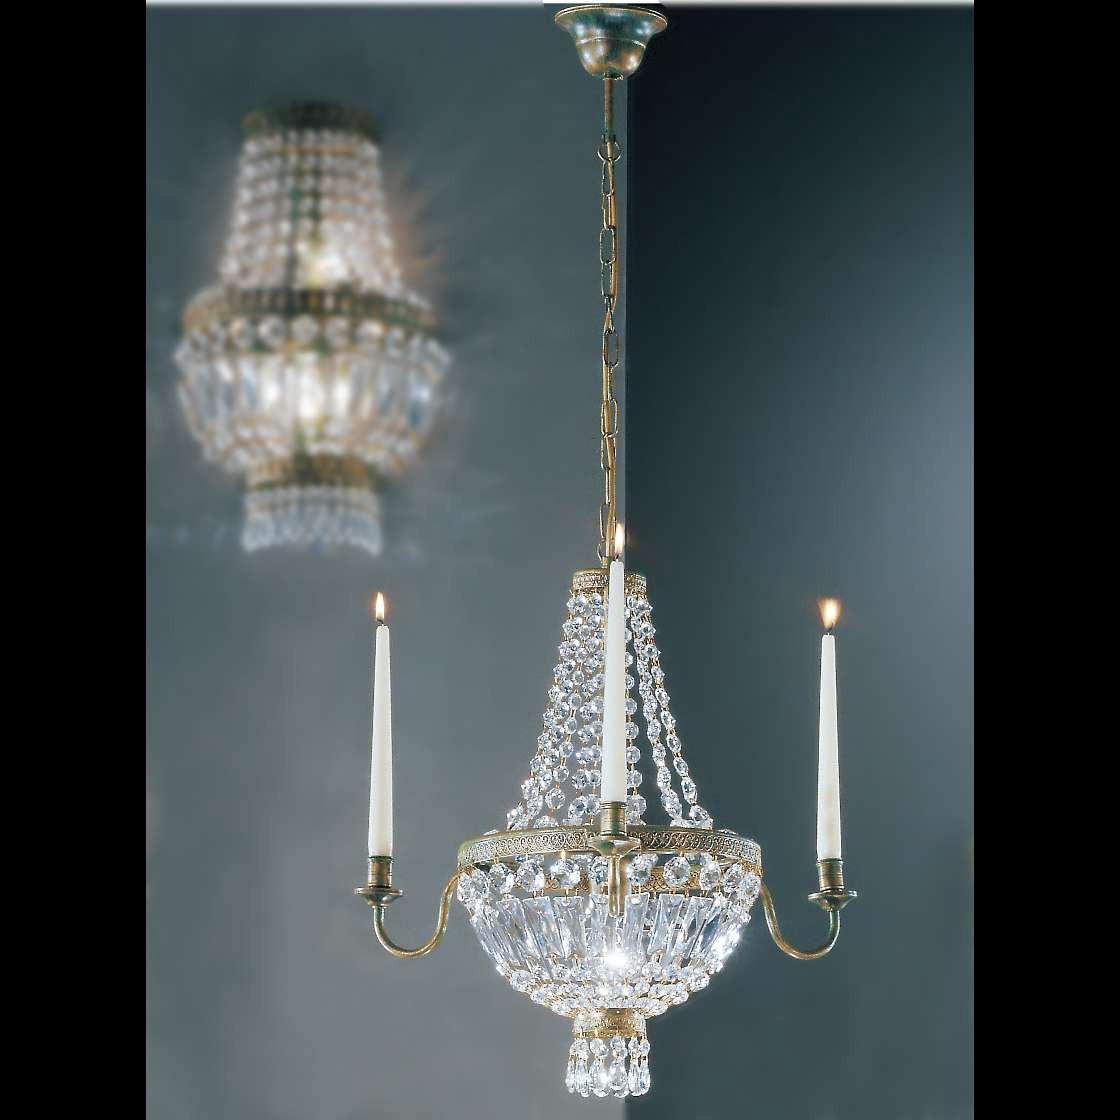 kronleuchter candela metall glas bronze kristall 3 flammig hans k gl a kaufen. Black Bedroom Furniture Sets. Home Design Ideas